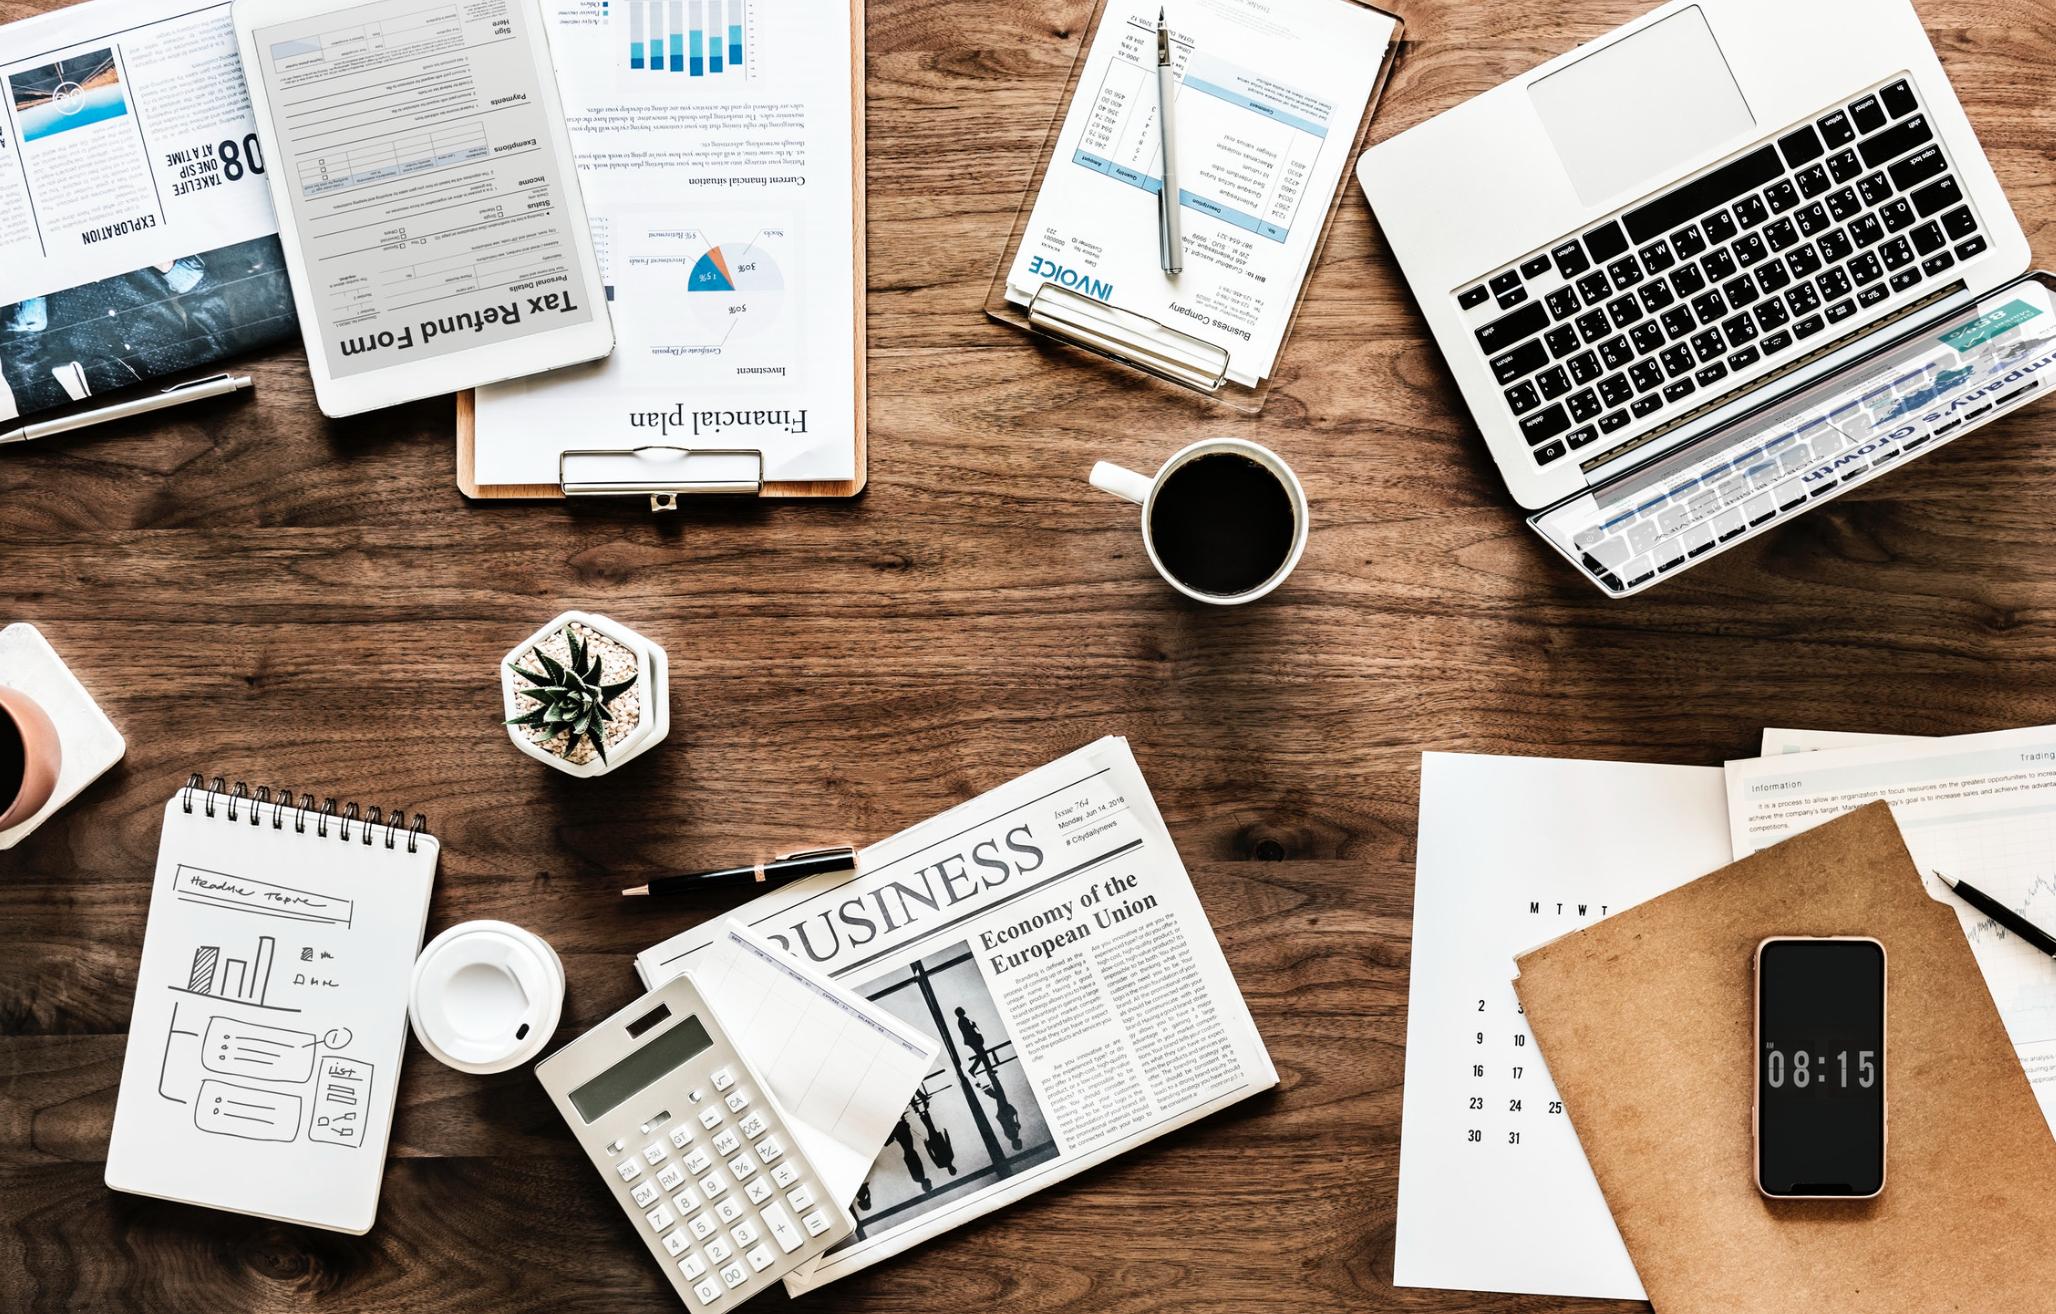 Table de travail avec ordinateur, journaux, business